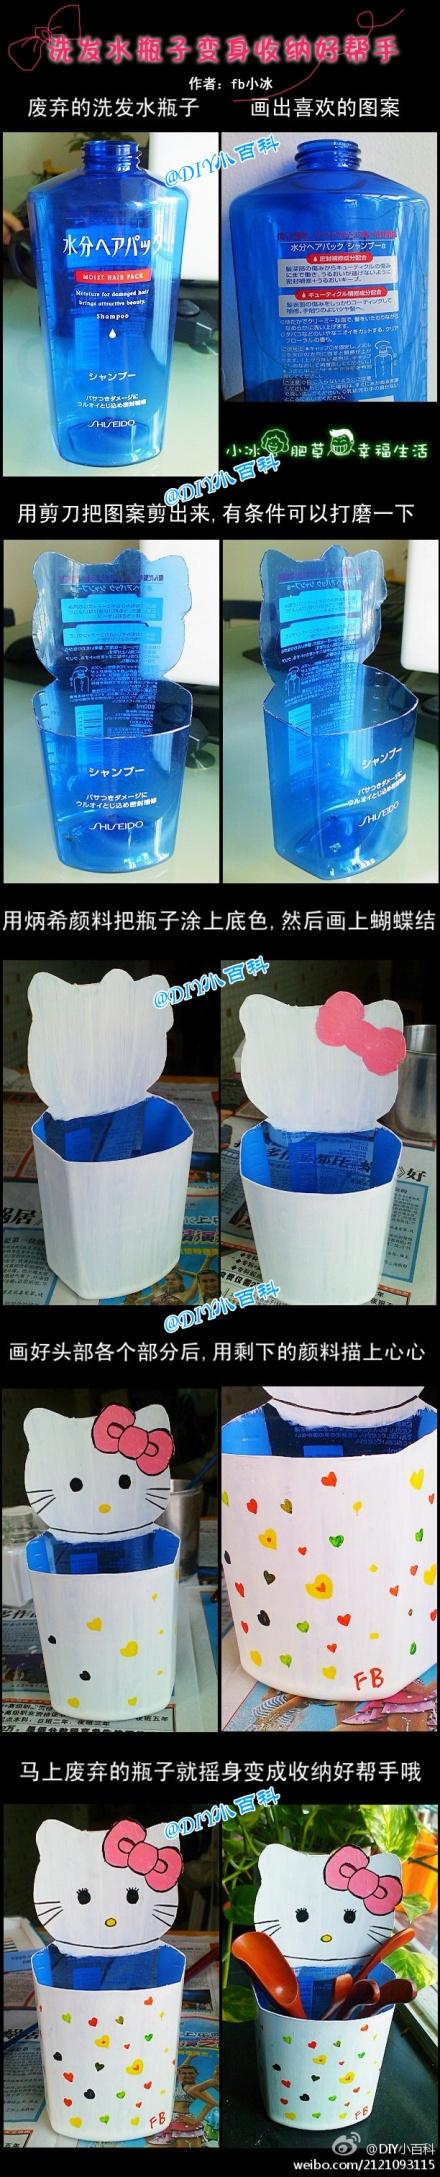 Botella de shampú en Hello Kitty contenedor